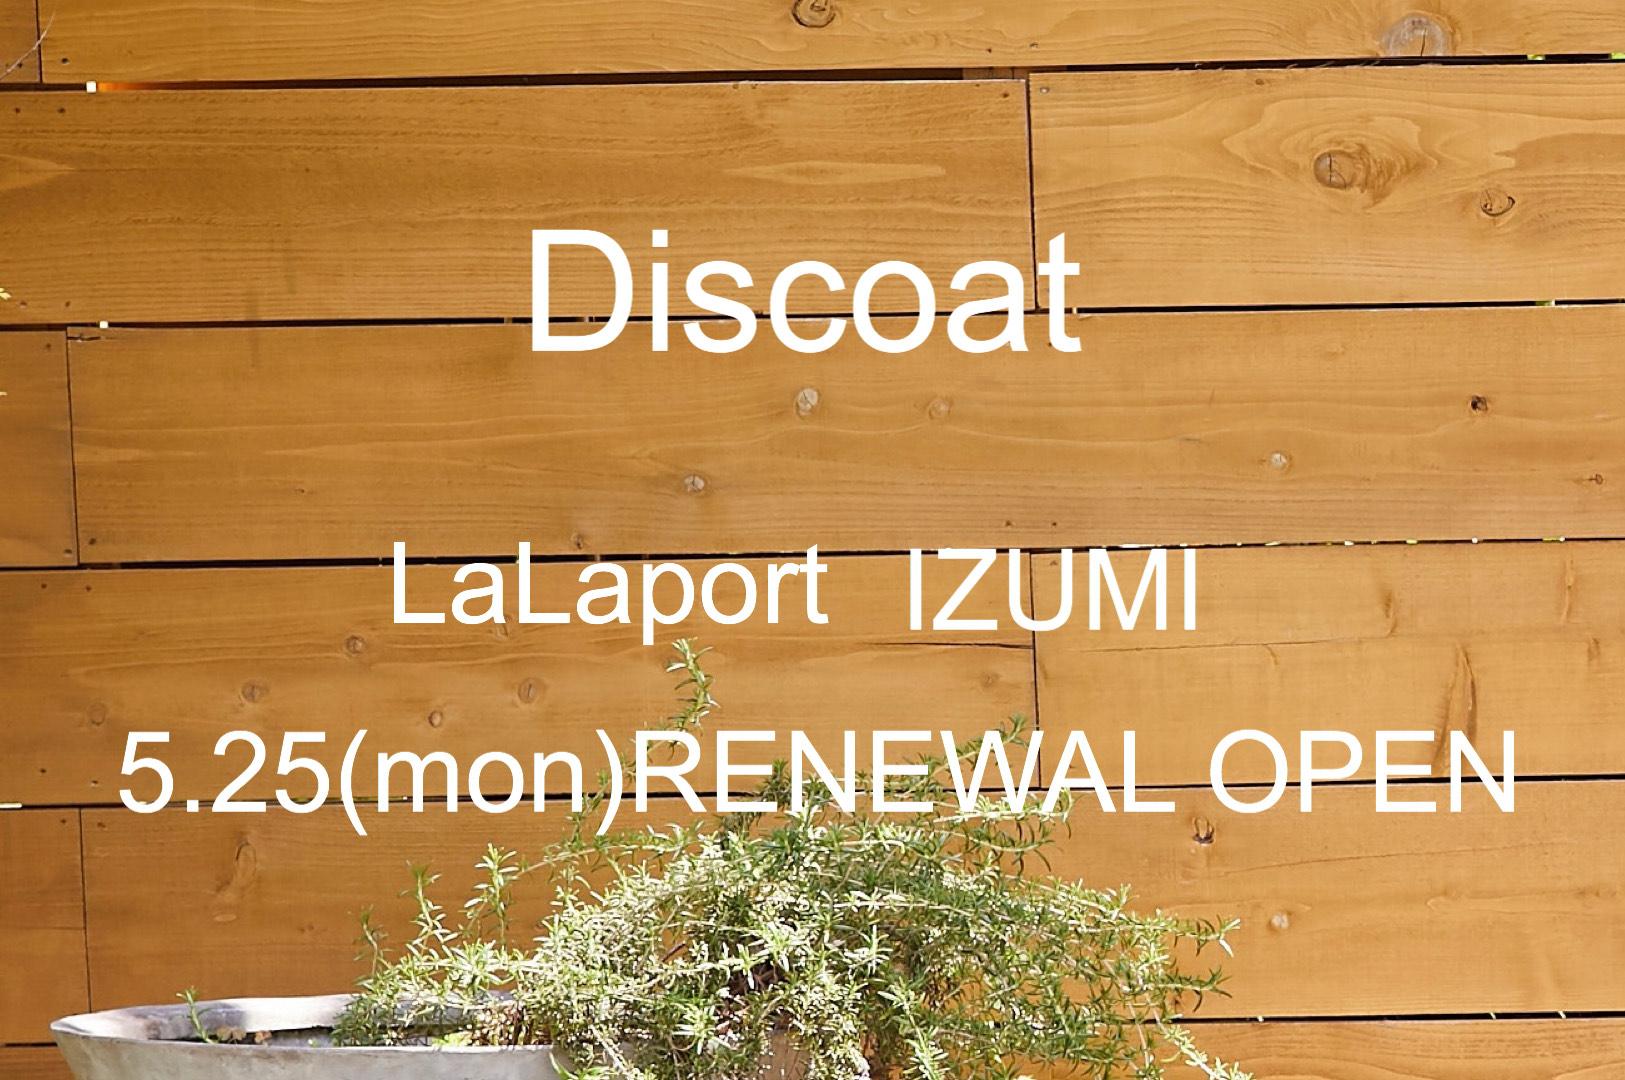 Discoat Discoat ららぽーと和泉店 RENEWAL OPEN!!